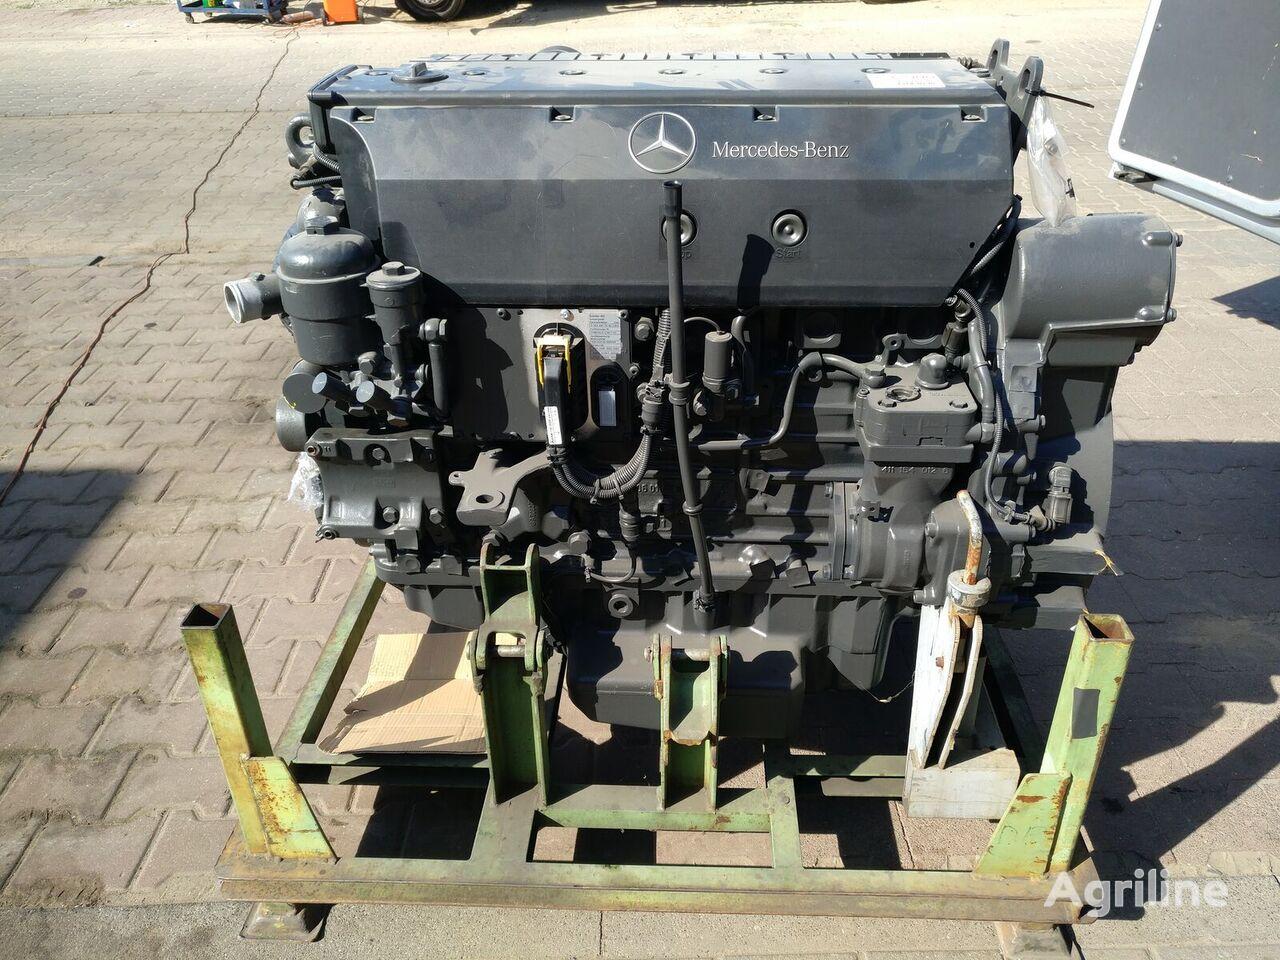 novi CLAAS Tucano OM 926.929 E3A (OM926.929) motor za CLAAS Tucano  kombajna za žito